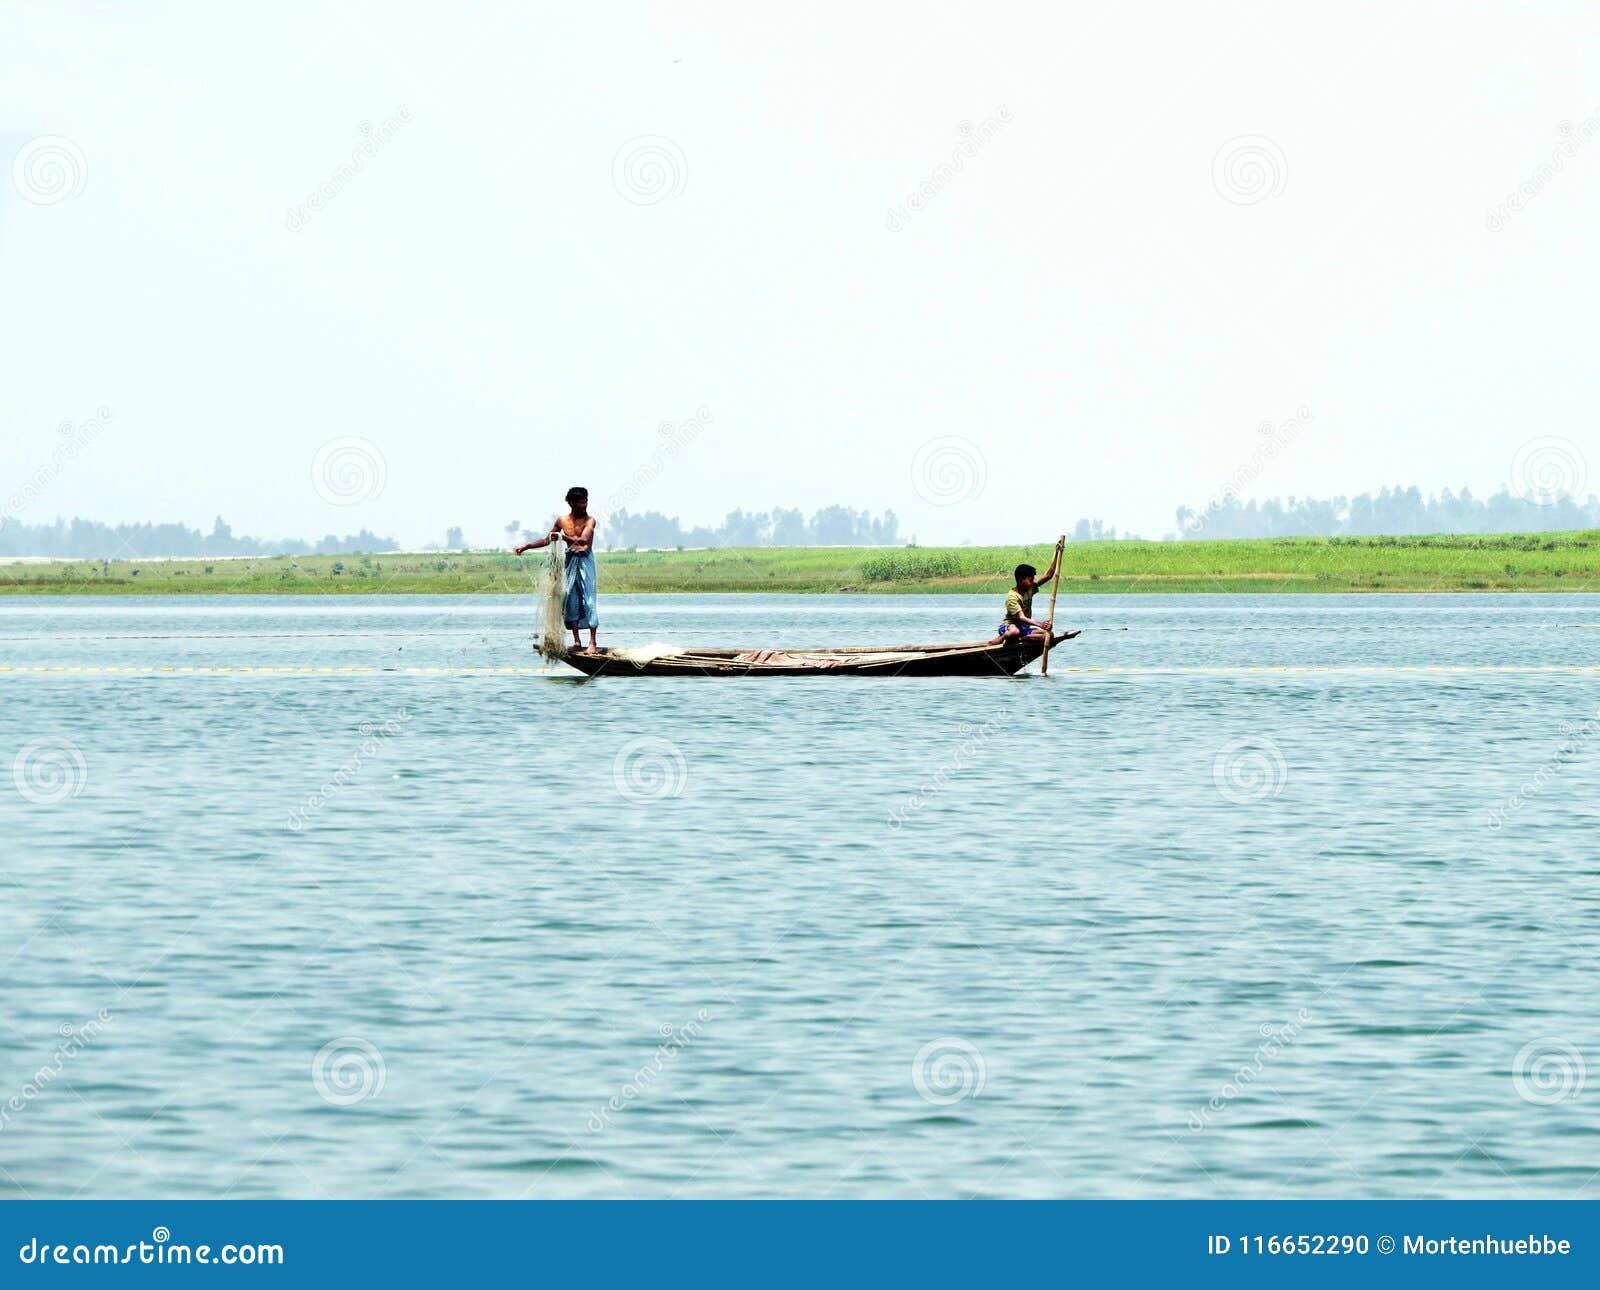 Yamuna-Fluss, der Brahmaputra, Bogra, Bangladesch